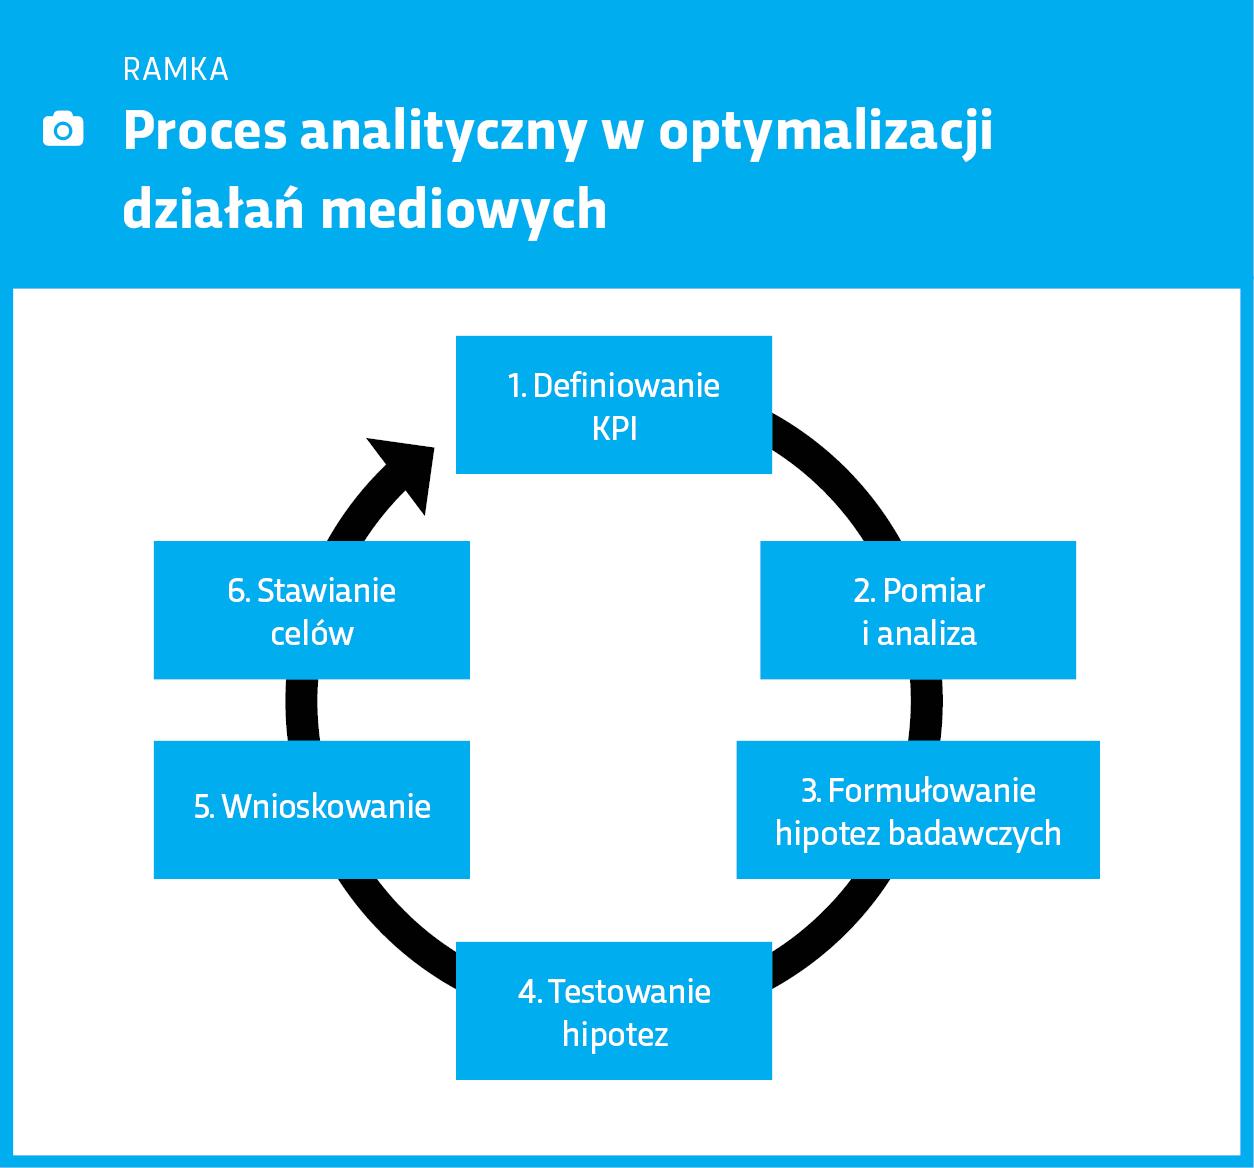 Ramka: Proces analityczny w optymalizacji działań marketingowych